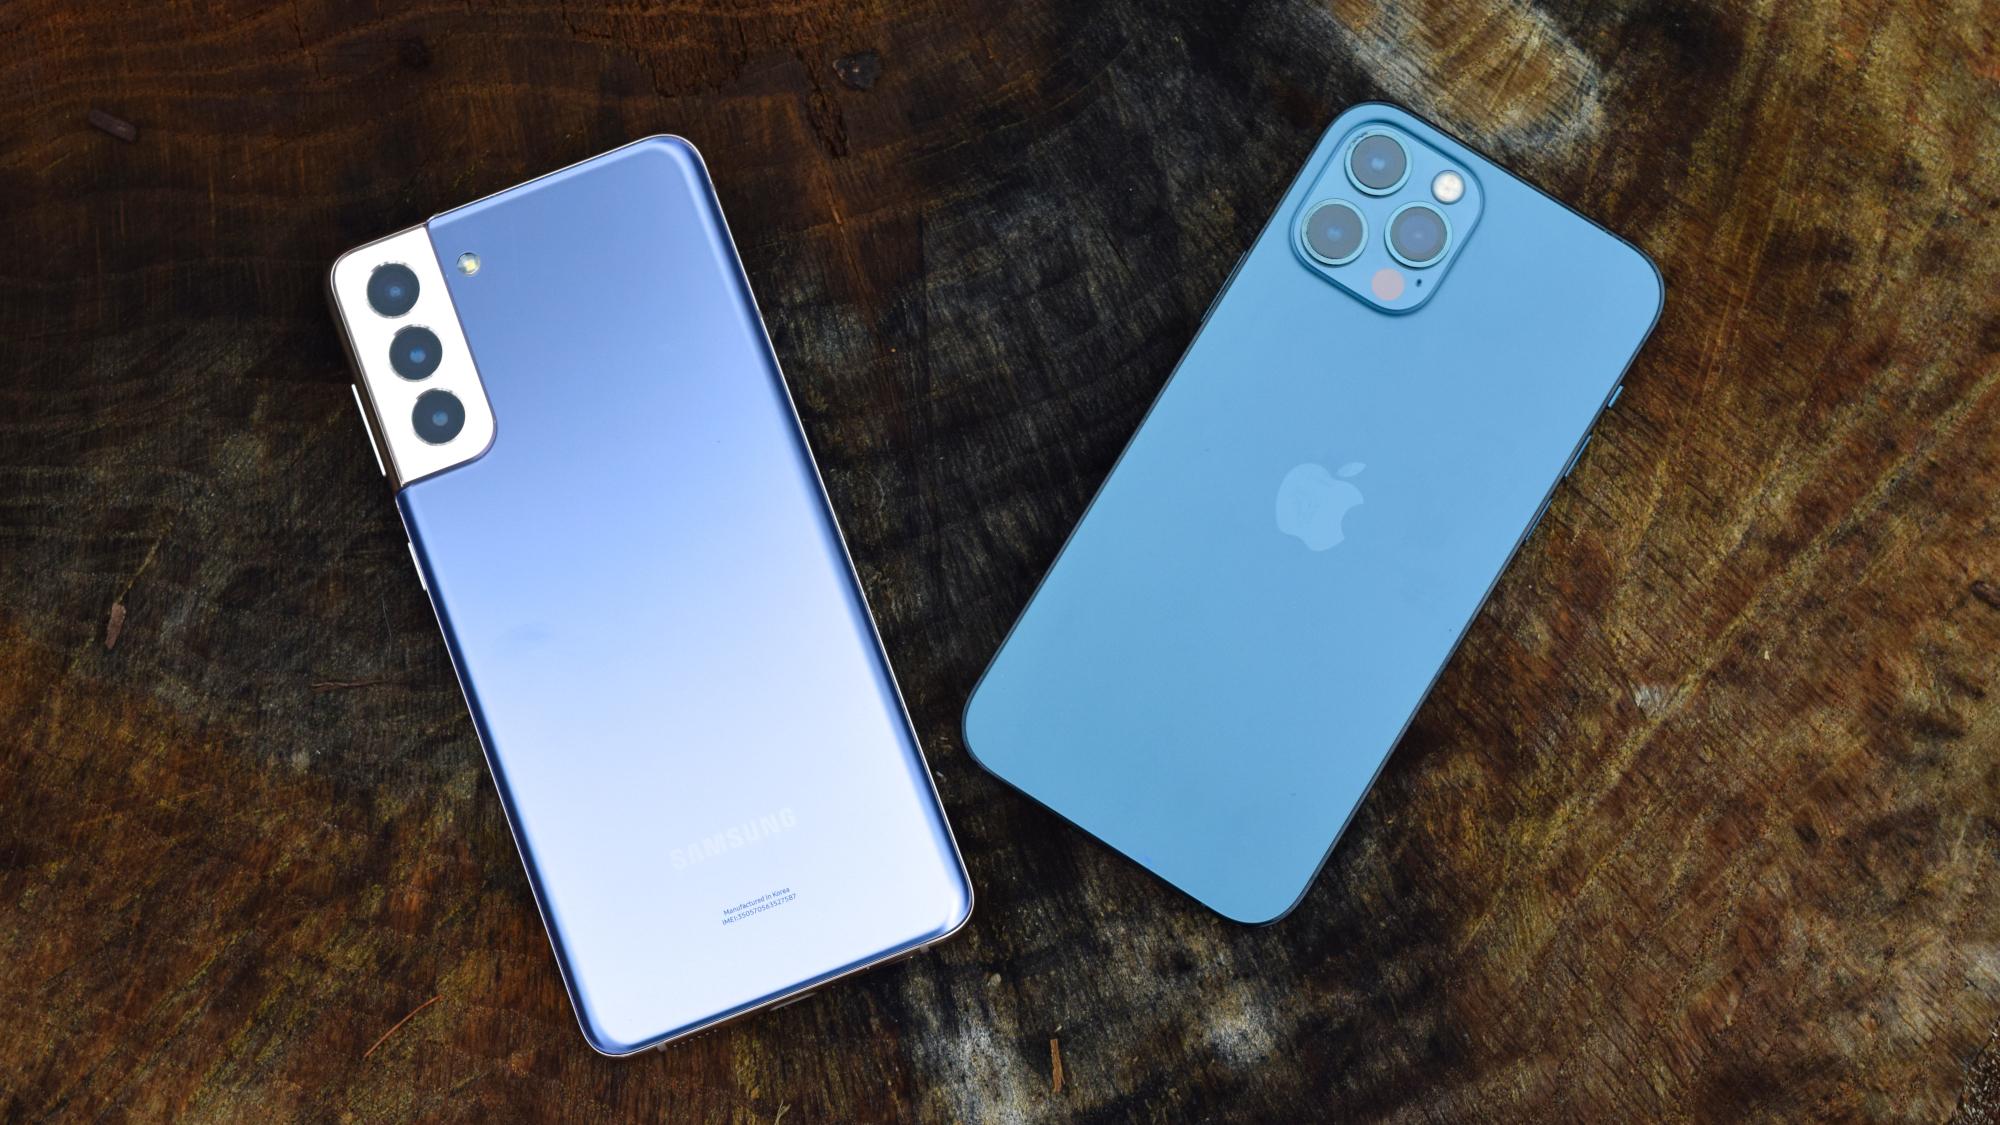 Переход на ios: galaxy s21 plus против iphone 12 pro